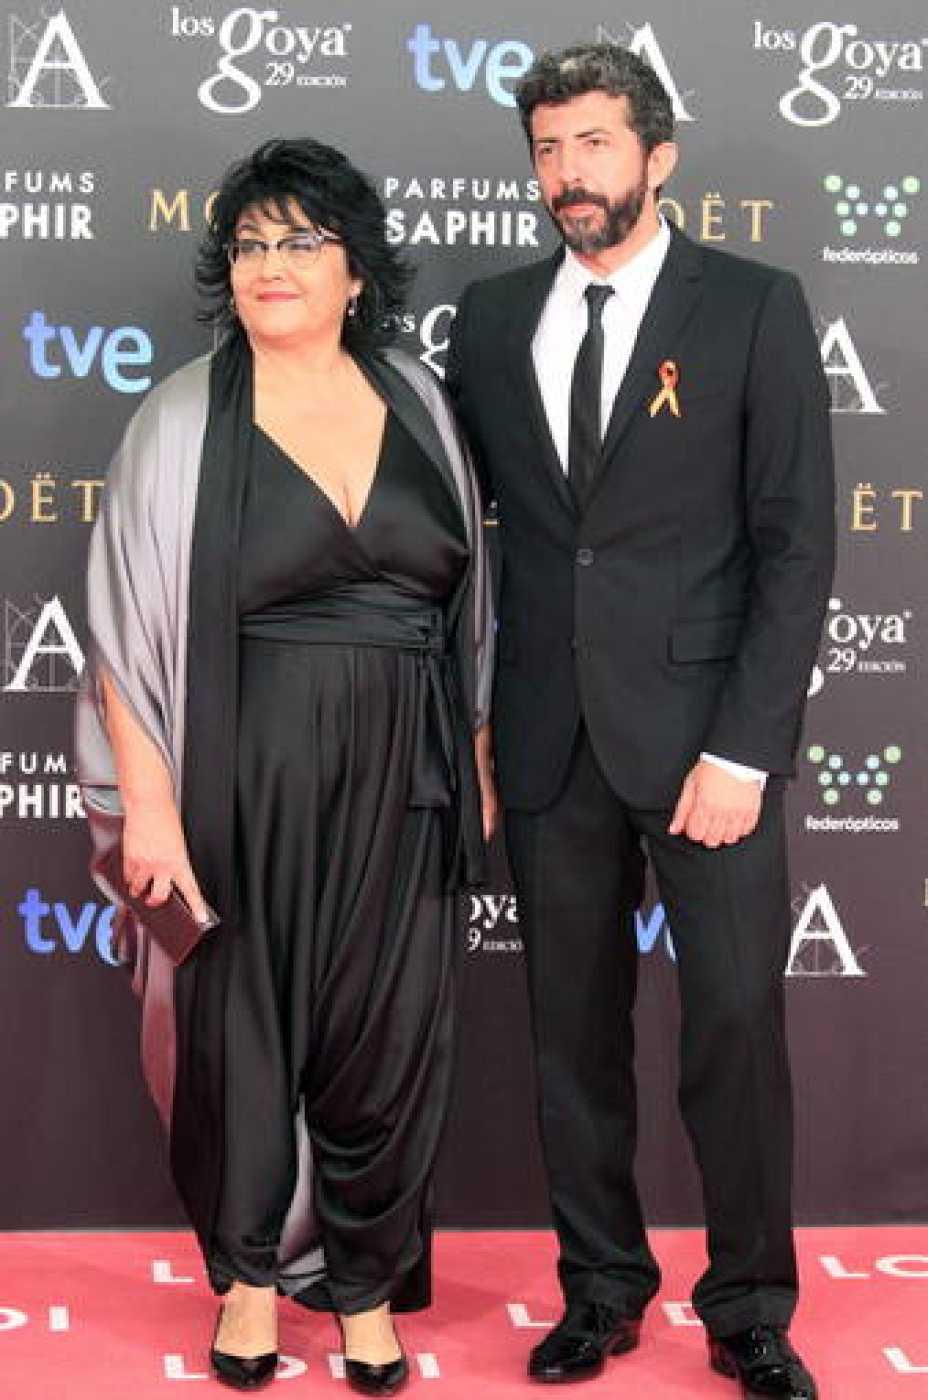 El director de 'La Isla Mínima', Alberto Rodríguez Librero luce el lazo naranja de los trabajadores de RTVE en la alfombra roja de los premios Goya 2015.